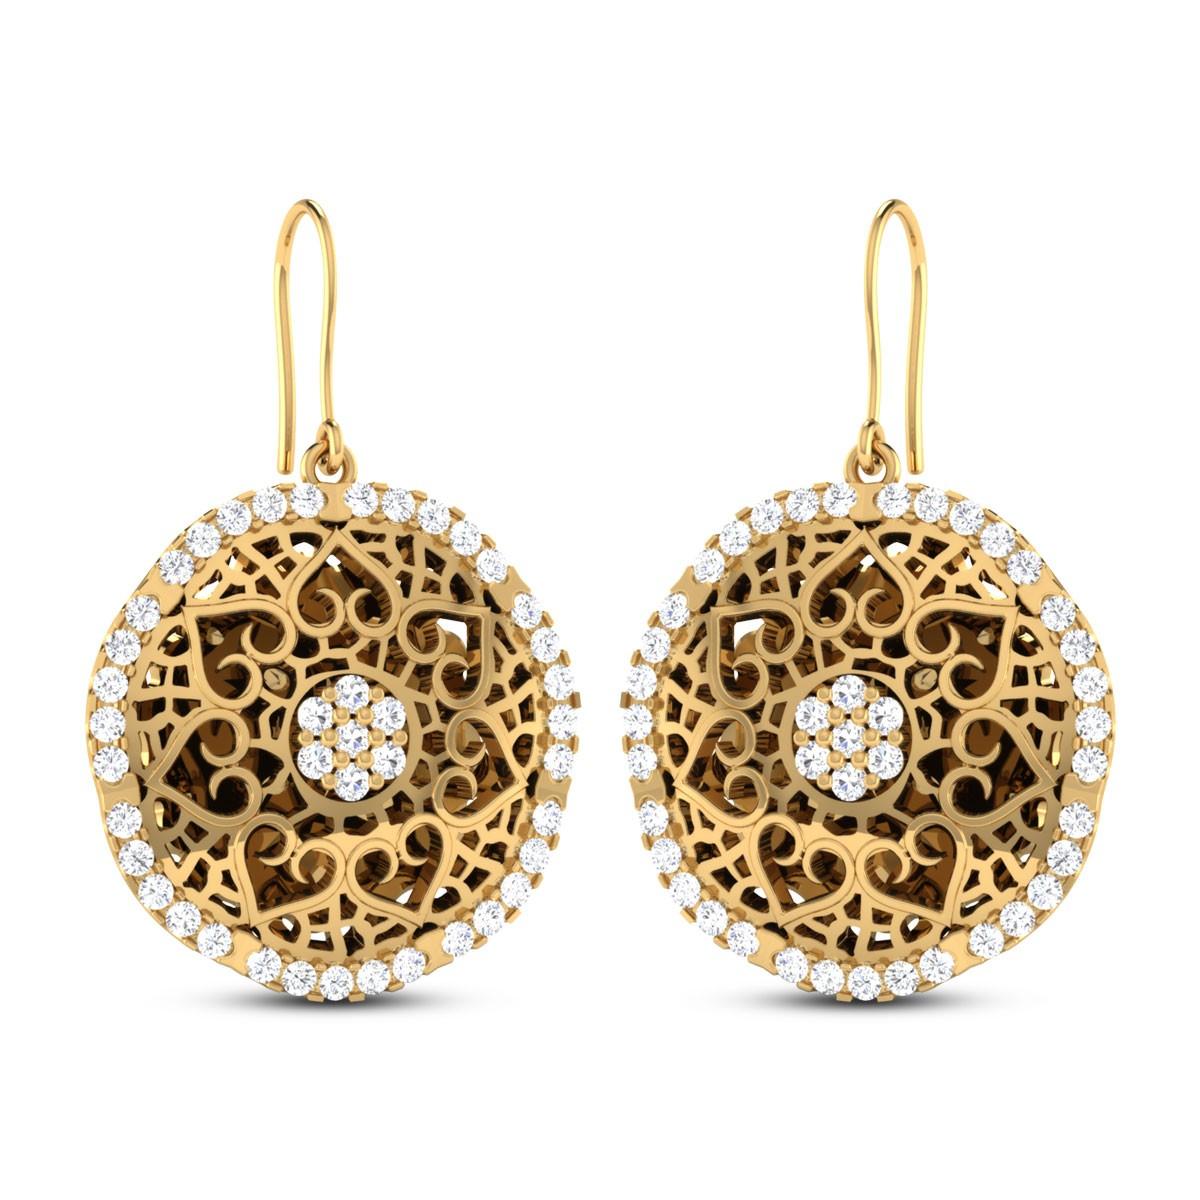 Kaianna Cutout Gold Hanging Earrings